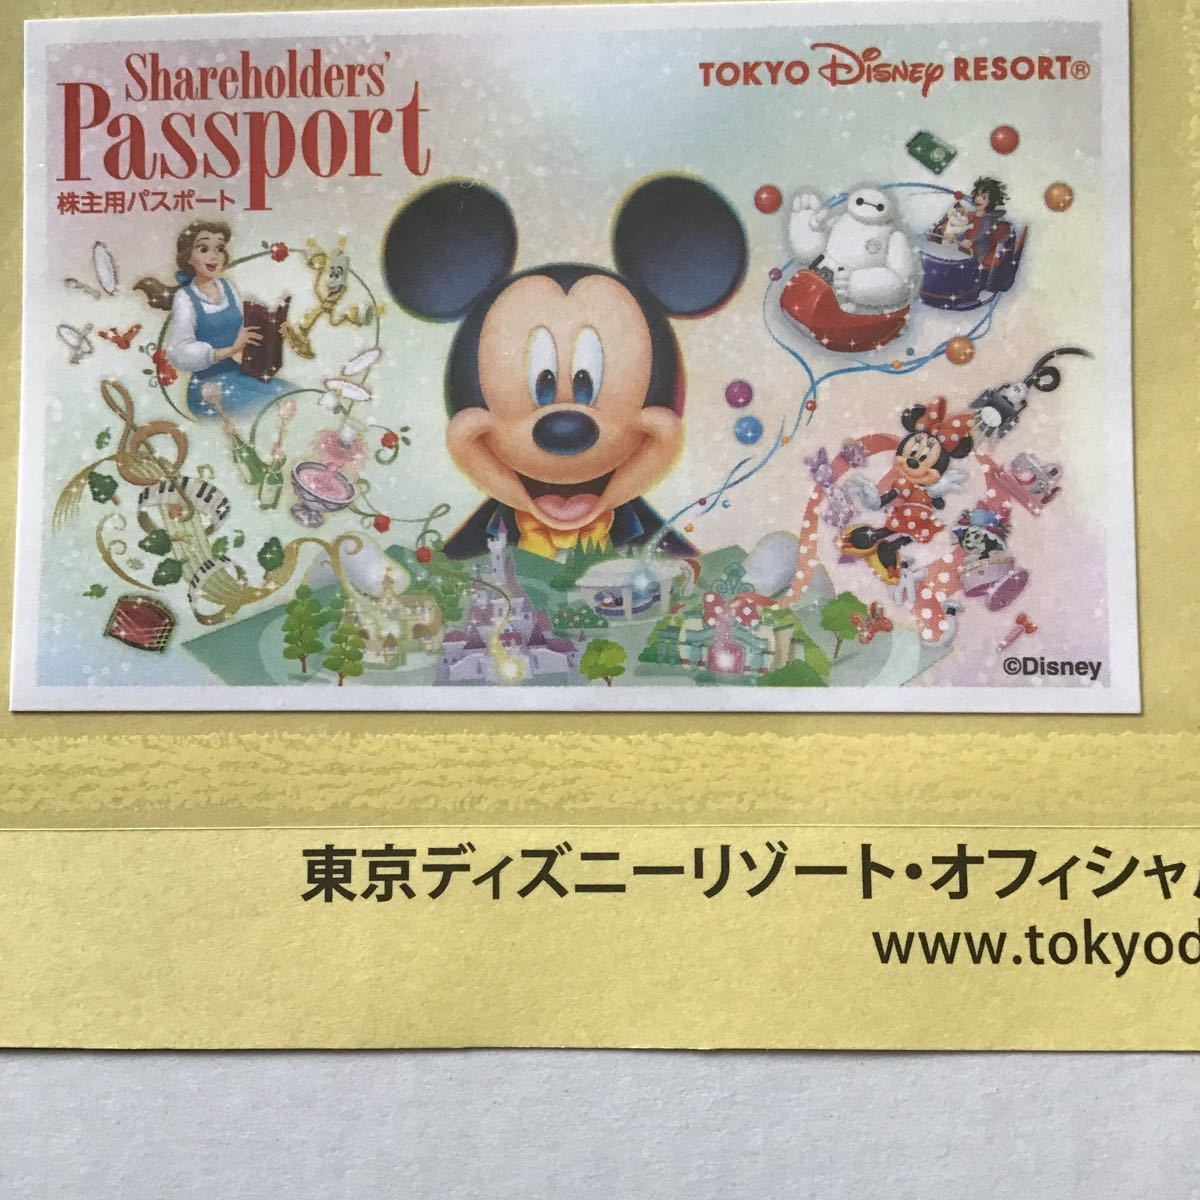 東京ディズニーリゾート 株主優待パスポート オリエンタルランド 株主優待券 チケット パスポート 2022年1月31日 有効期限_画像1